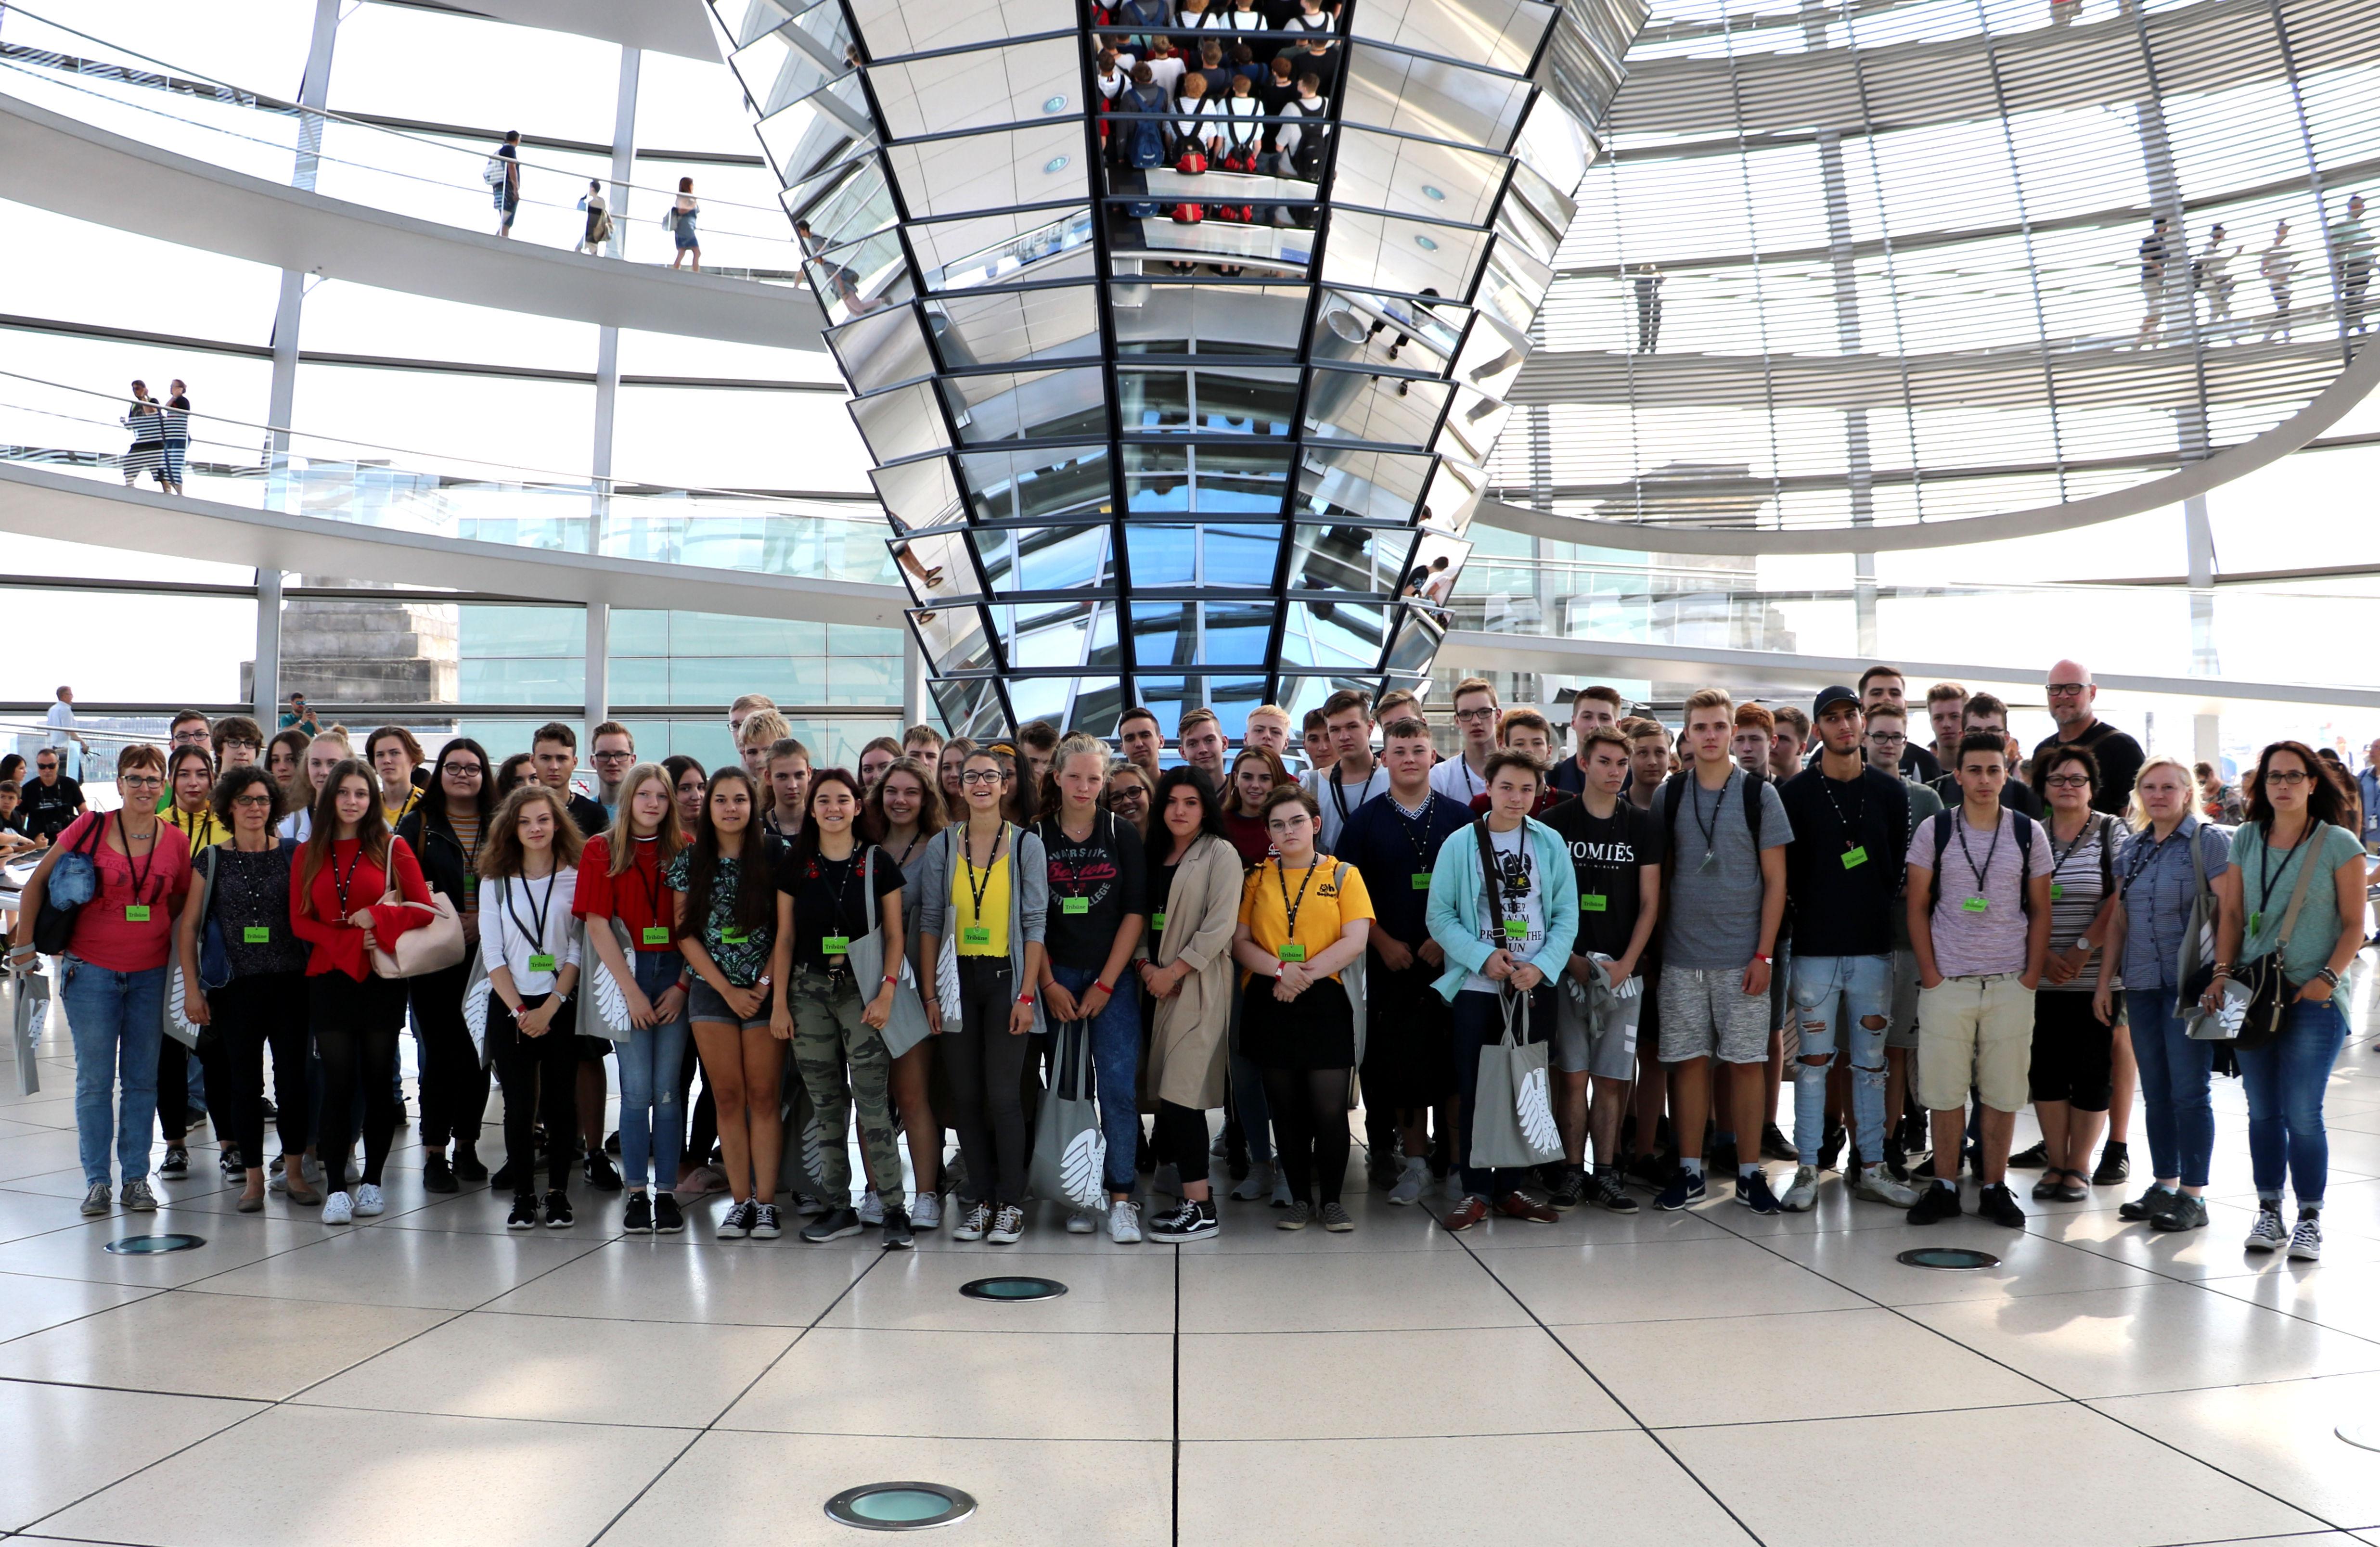 Besuch der Friedensschule Lingen im Bundestag